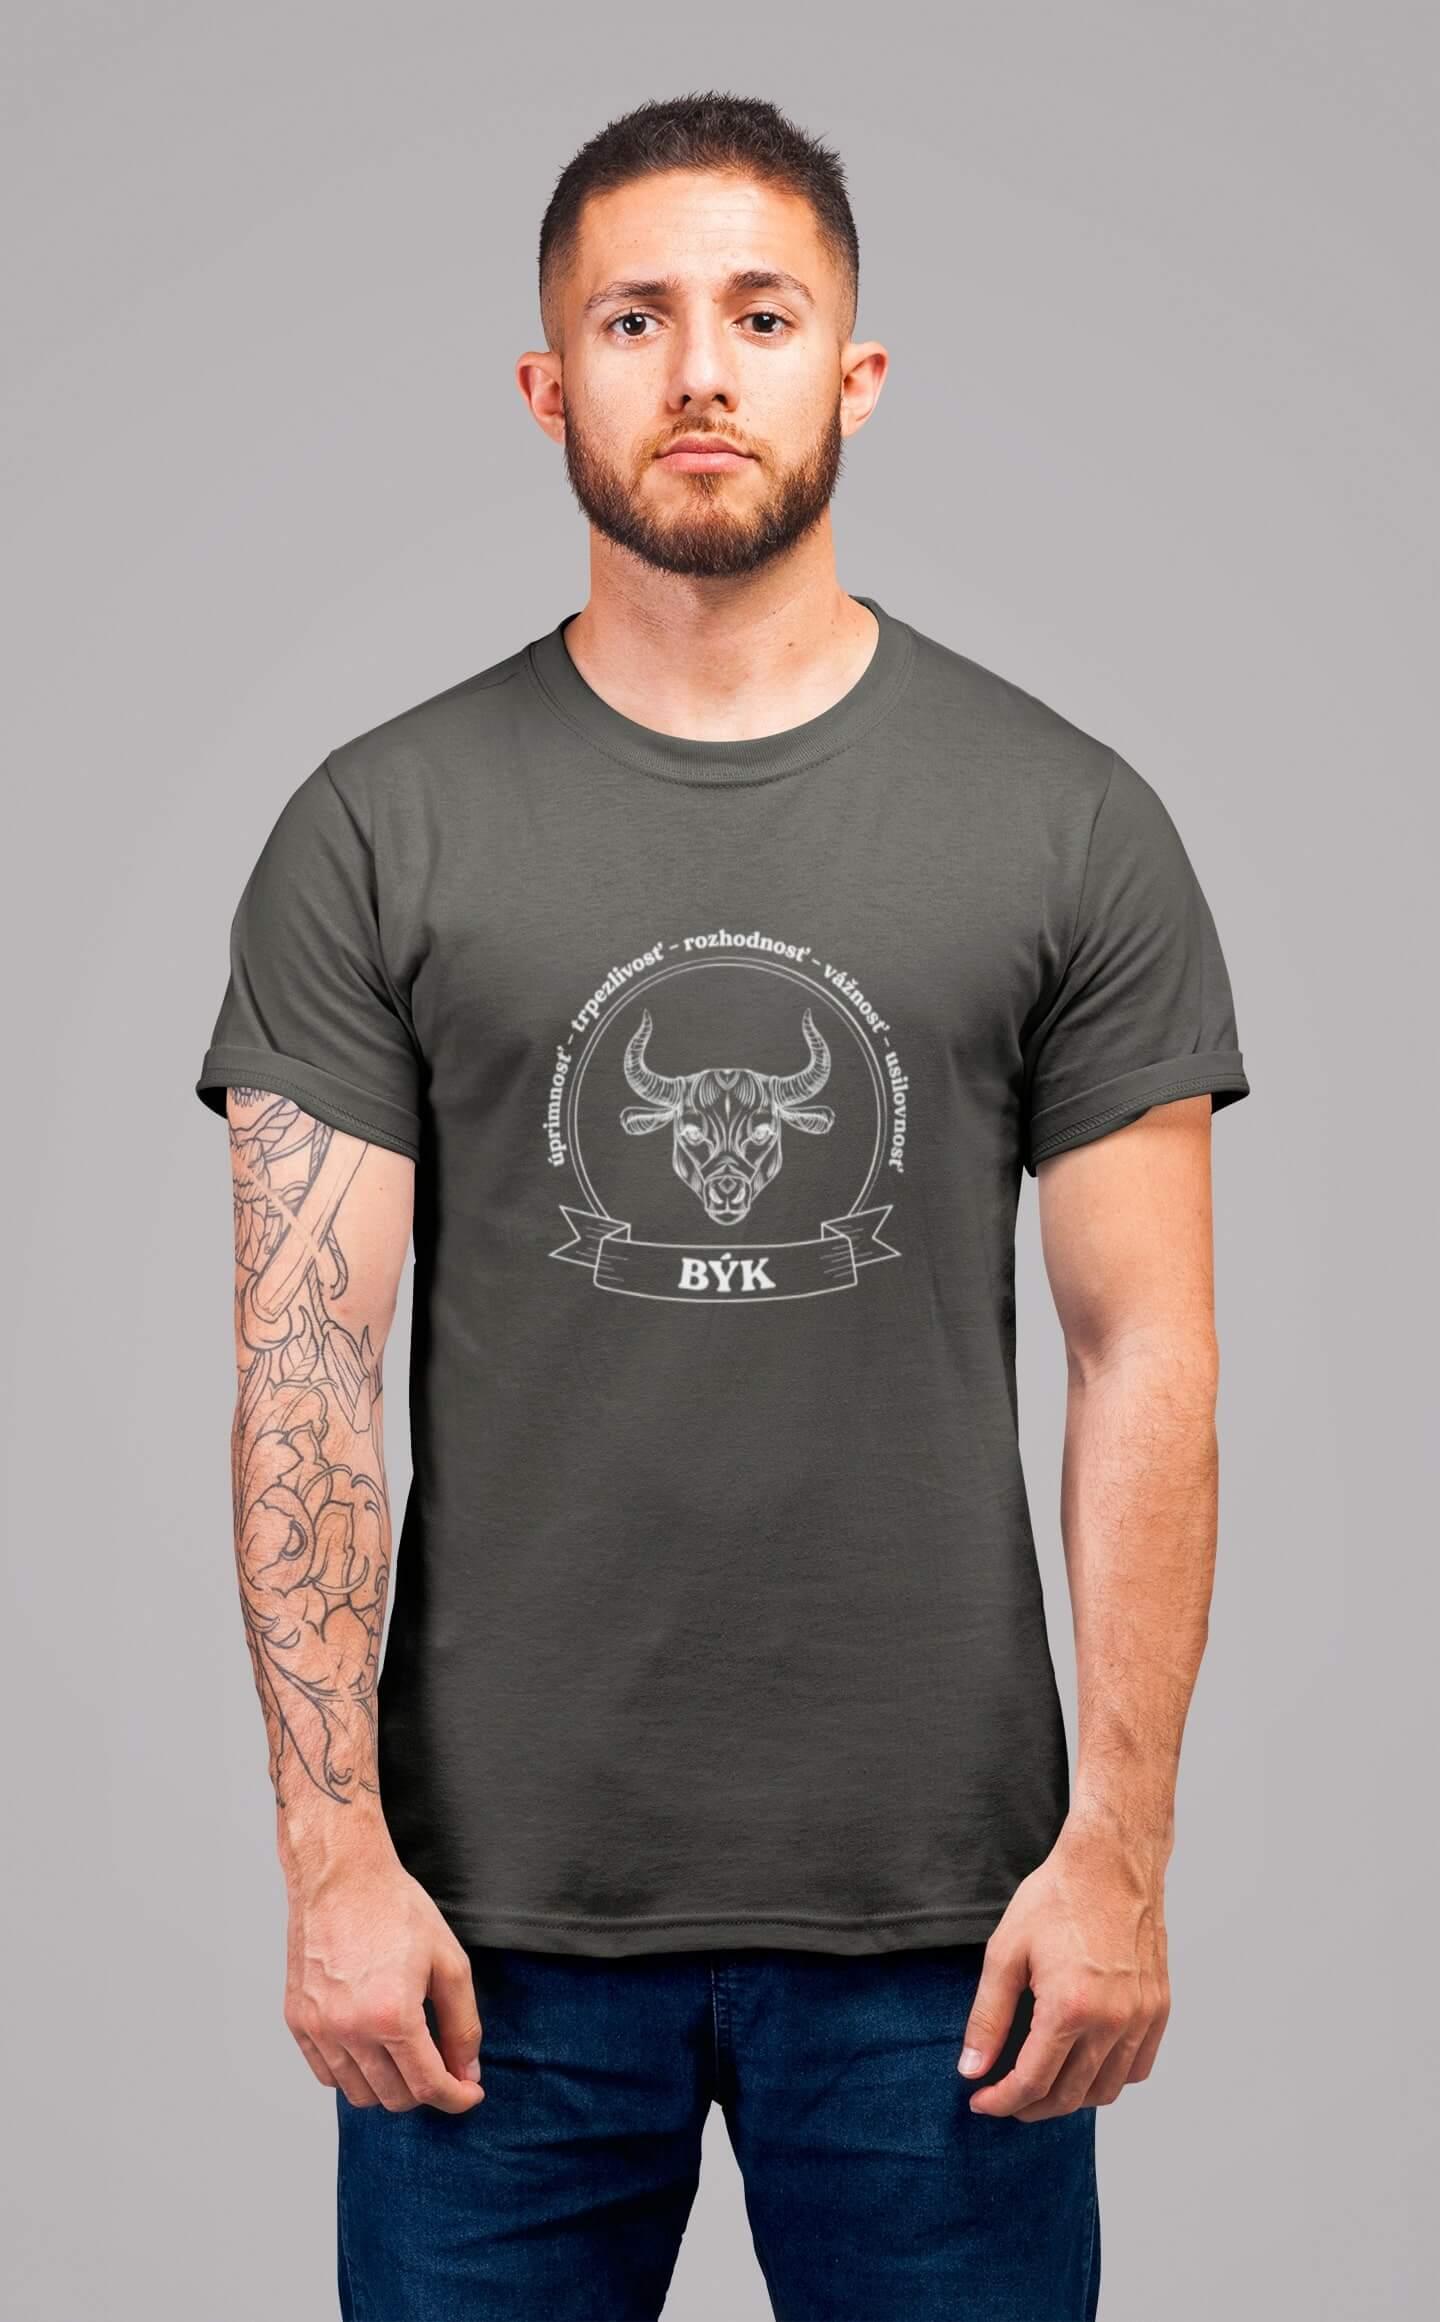 MMO Pánske tričko Býk Vyberte farbu: Tmavá bridlica, Vyberte veľkosť: XL